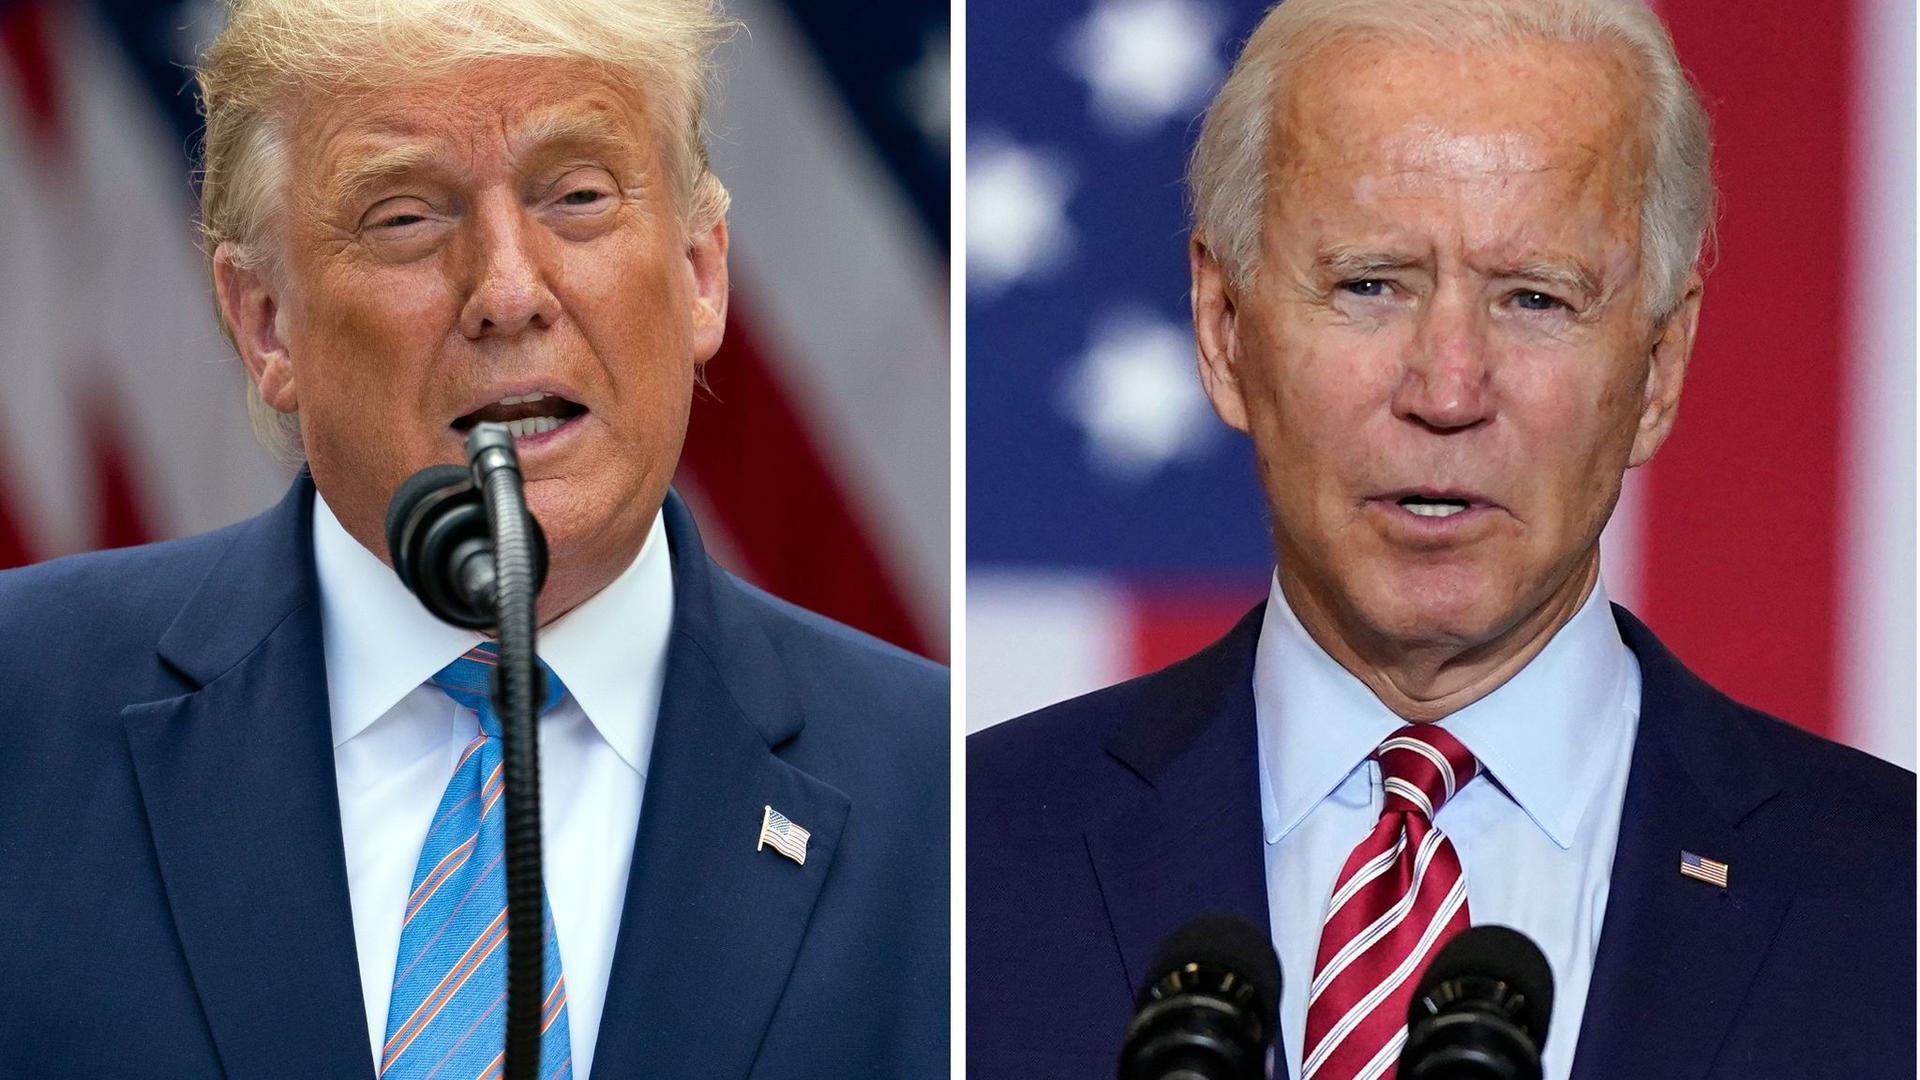 Donald Trump bewirbt sich um eine zweite und verfassungsgemäß letzte Amtszeit, der frühere Vizepräsident Joe Biden will ihn ablösen.